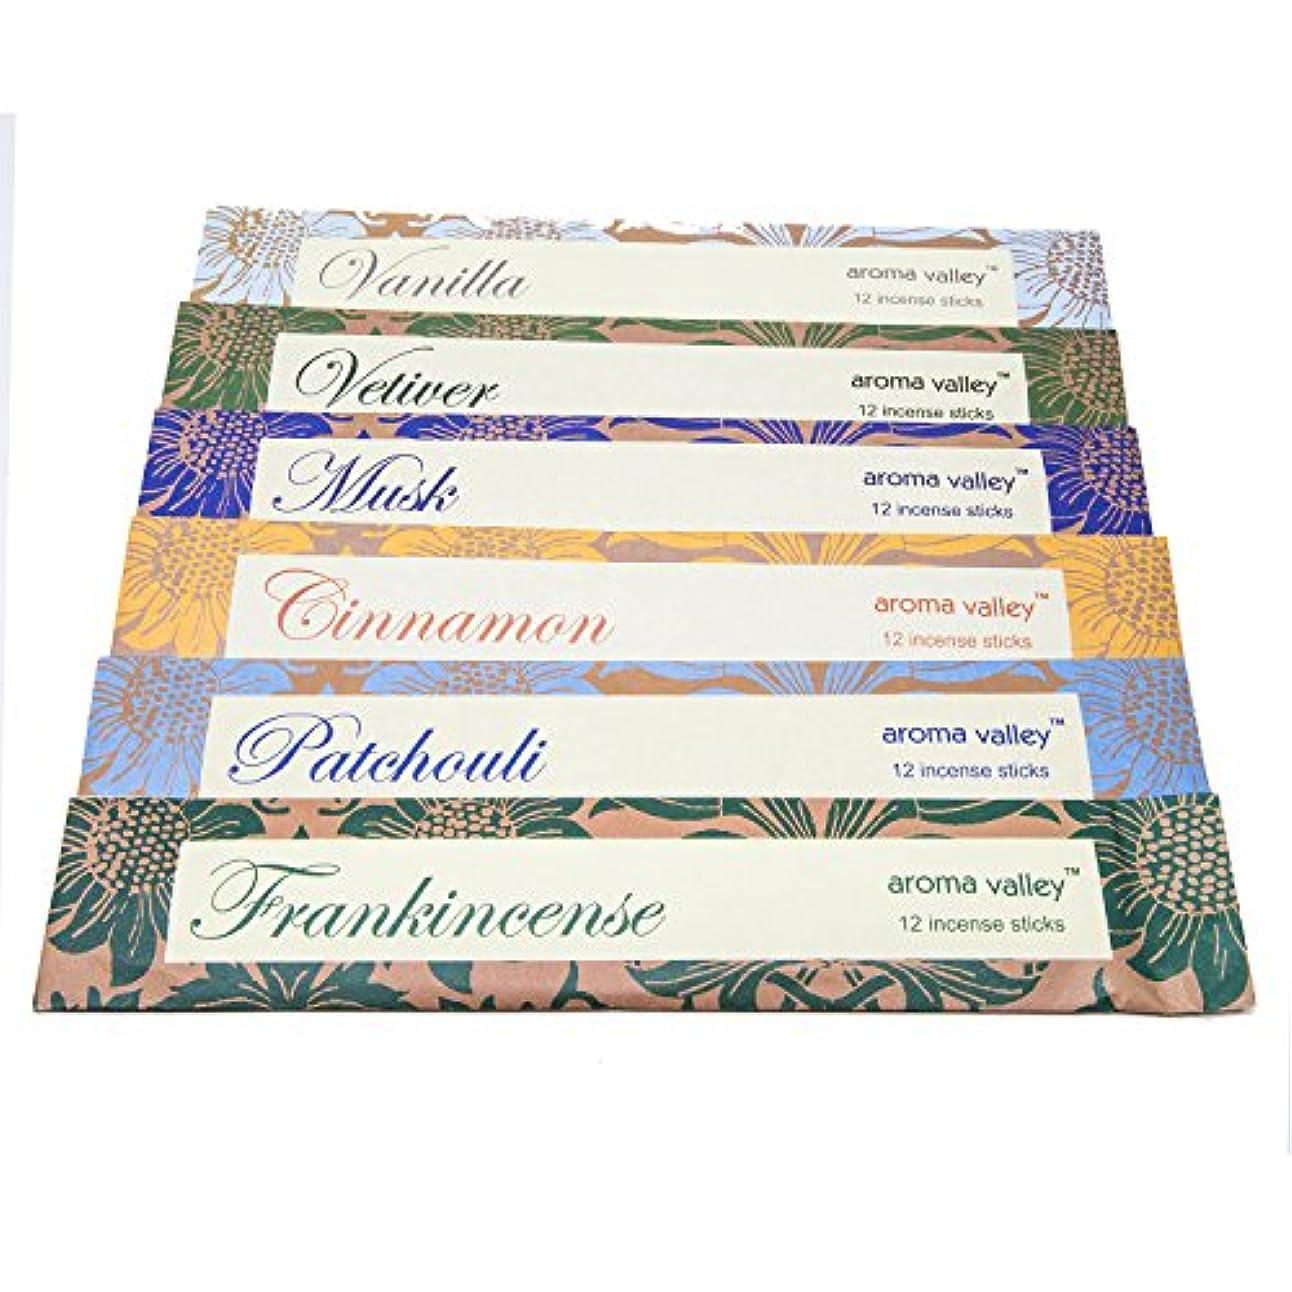 クラス貨物反逆者Eco Friendly OrganicハンドメイドAroma Incense WandsシナモンFrankincenseムスクパチュリバニラVetiver 12 Incense Sticks in Eachパック